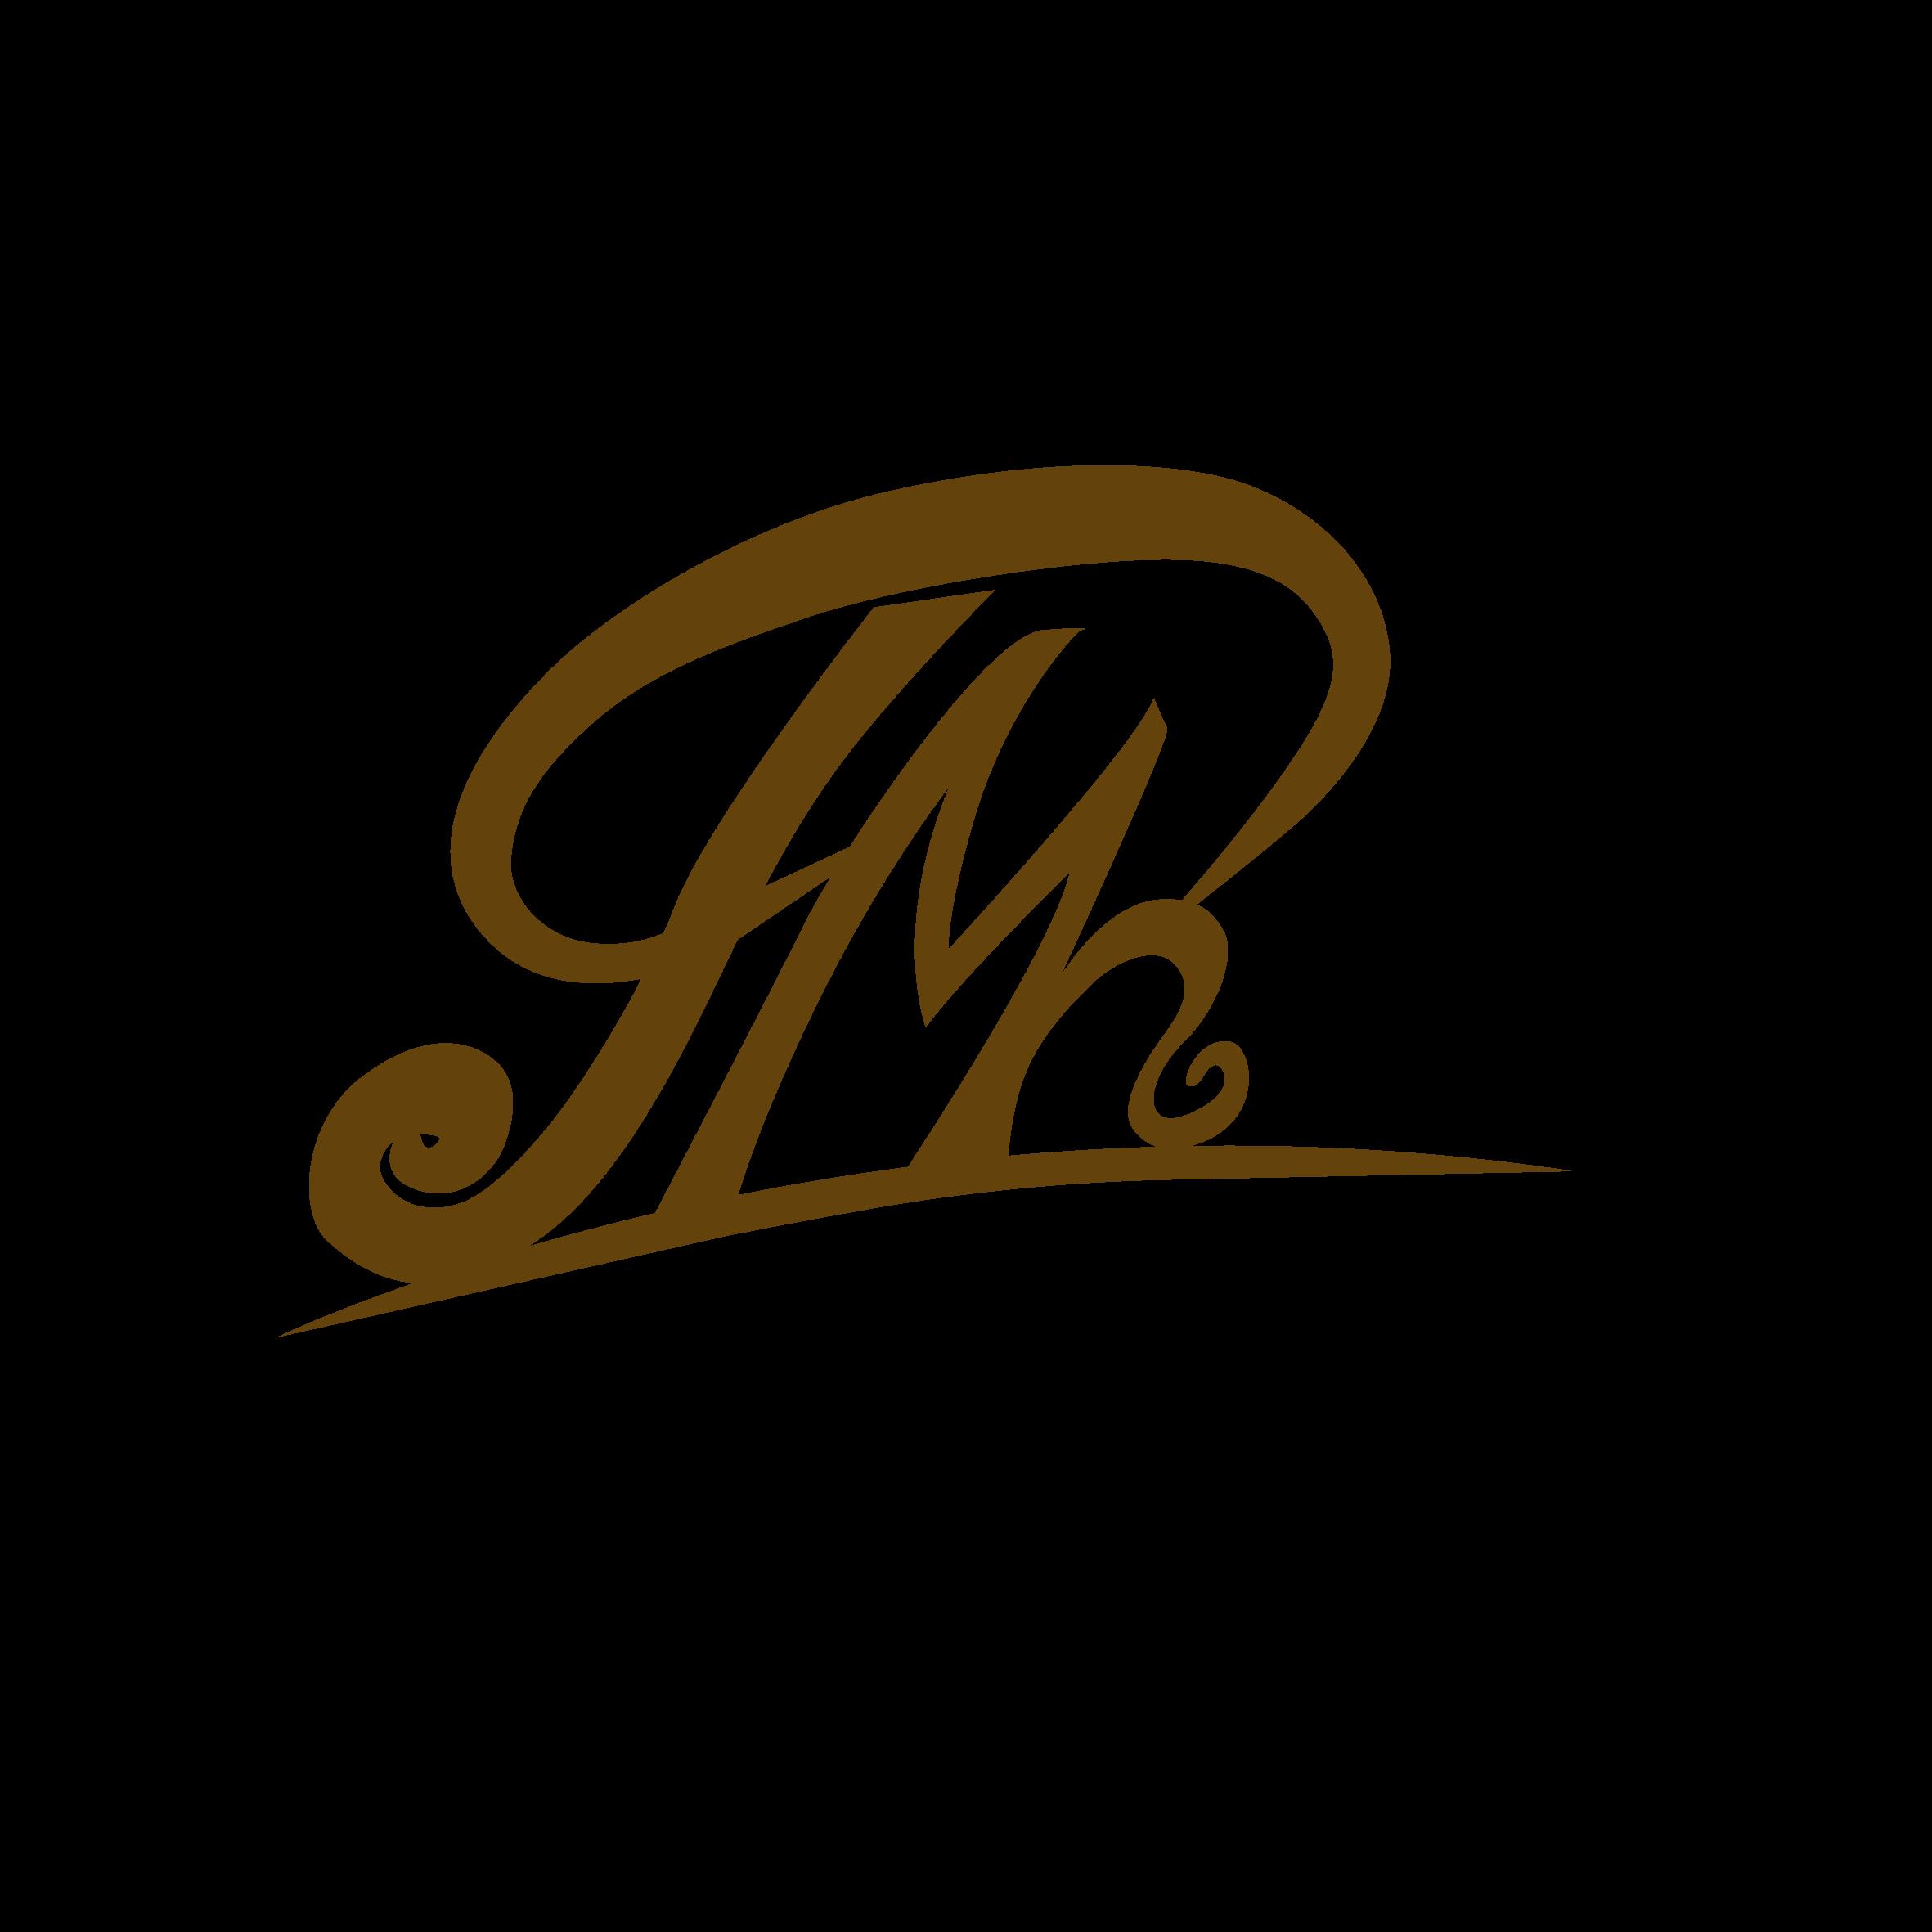 Логотип Кованые изделия